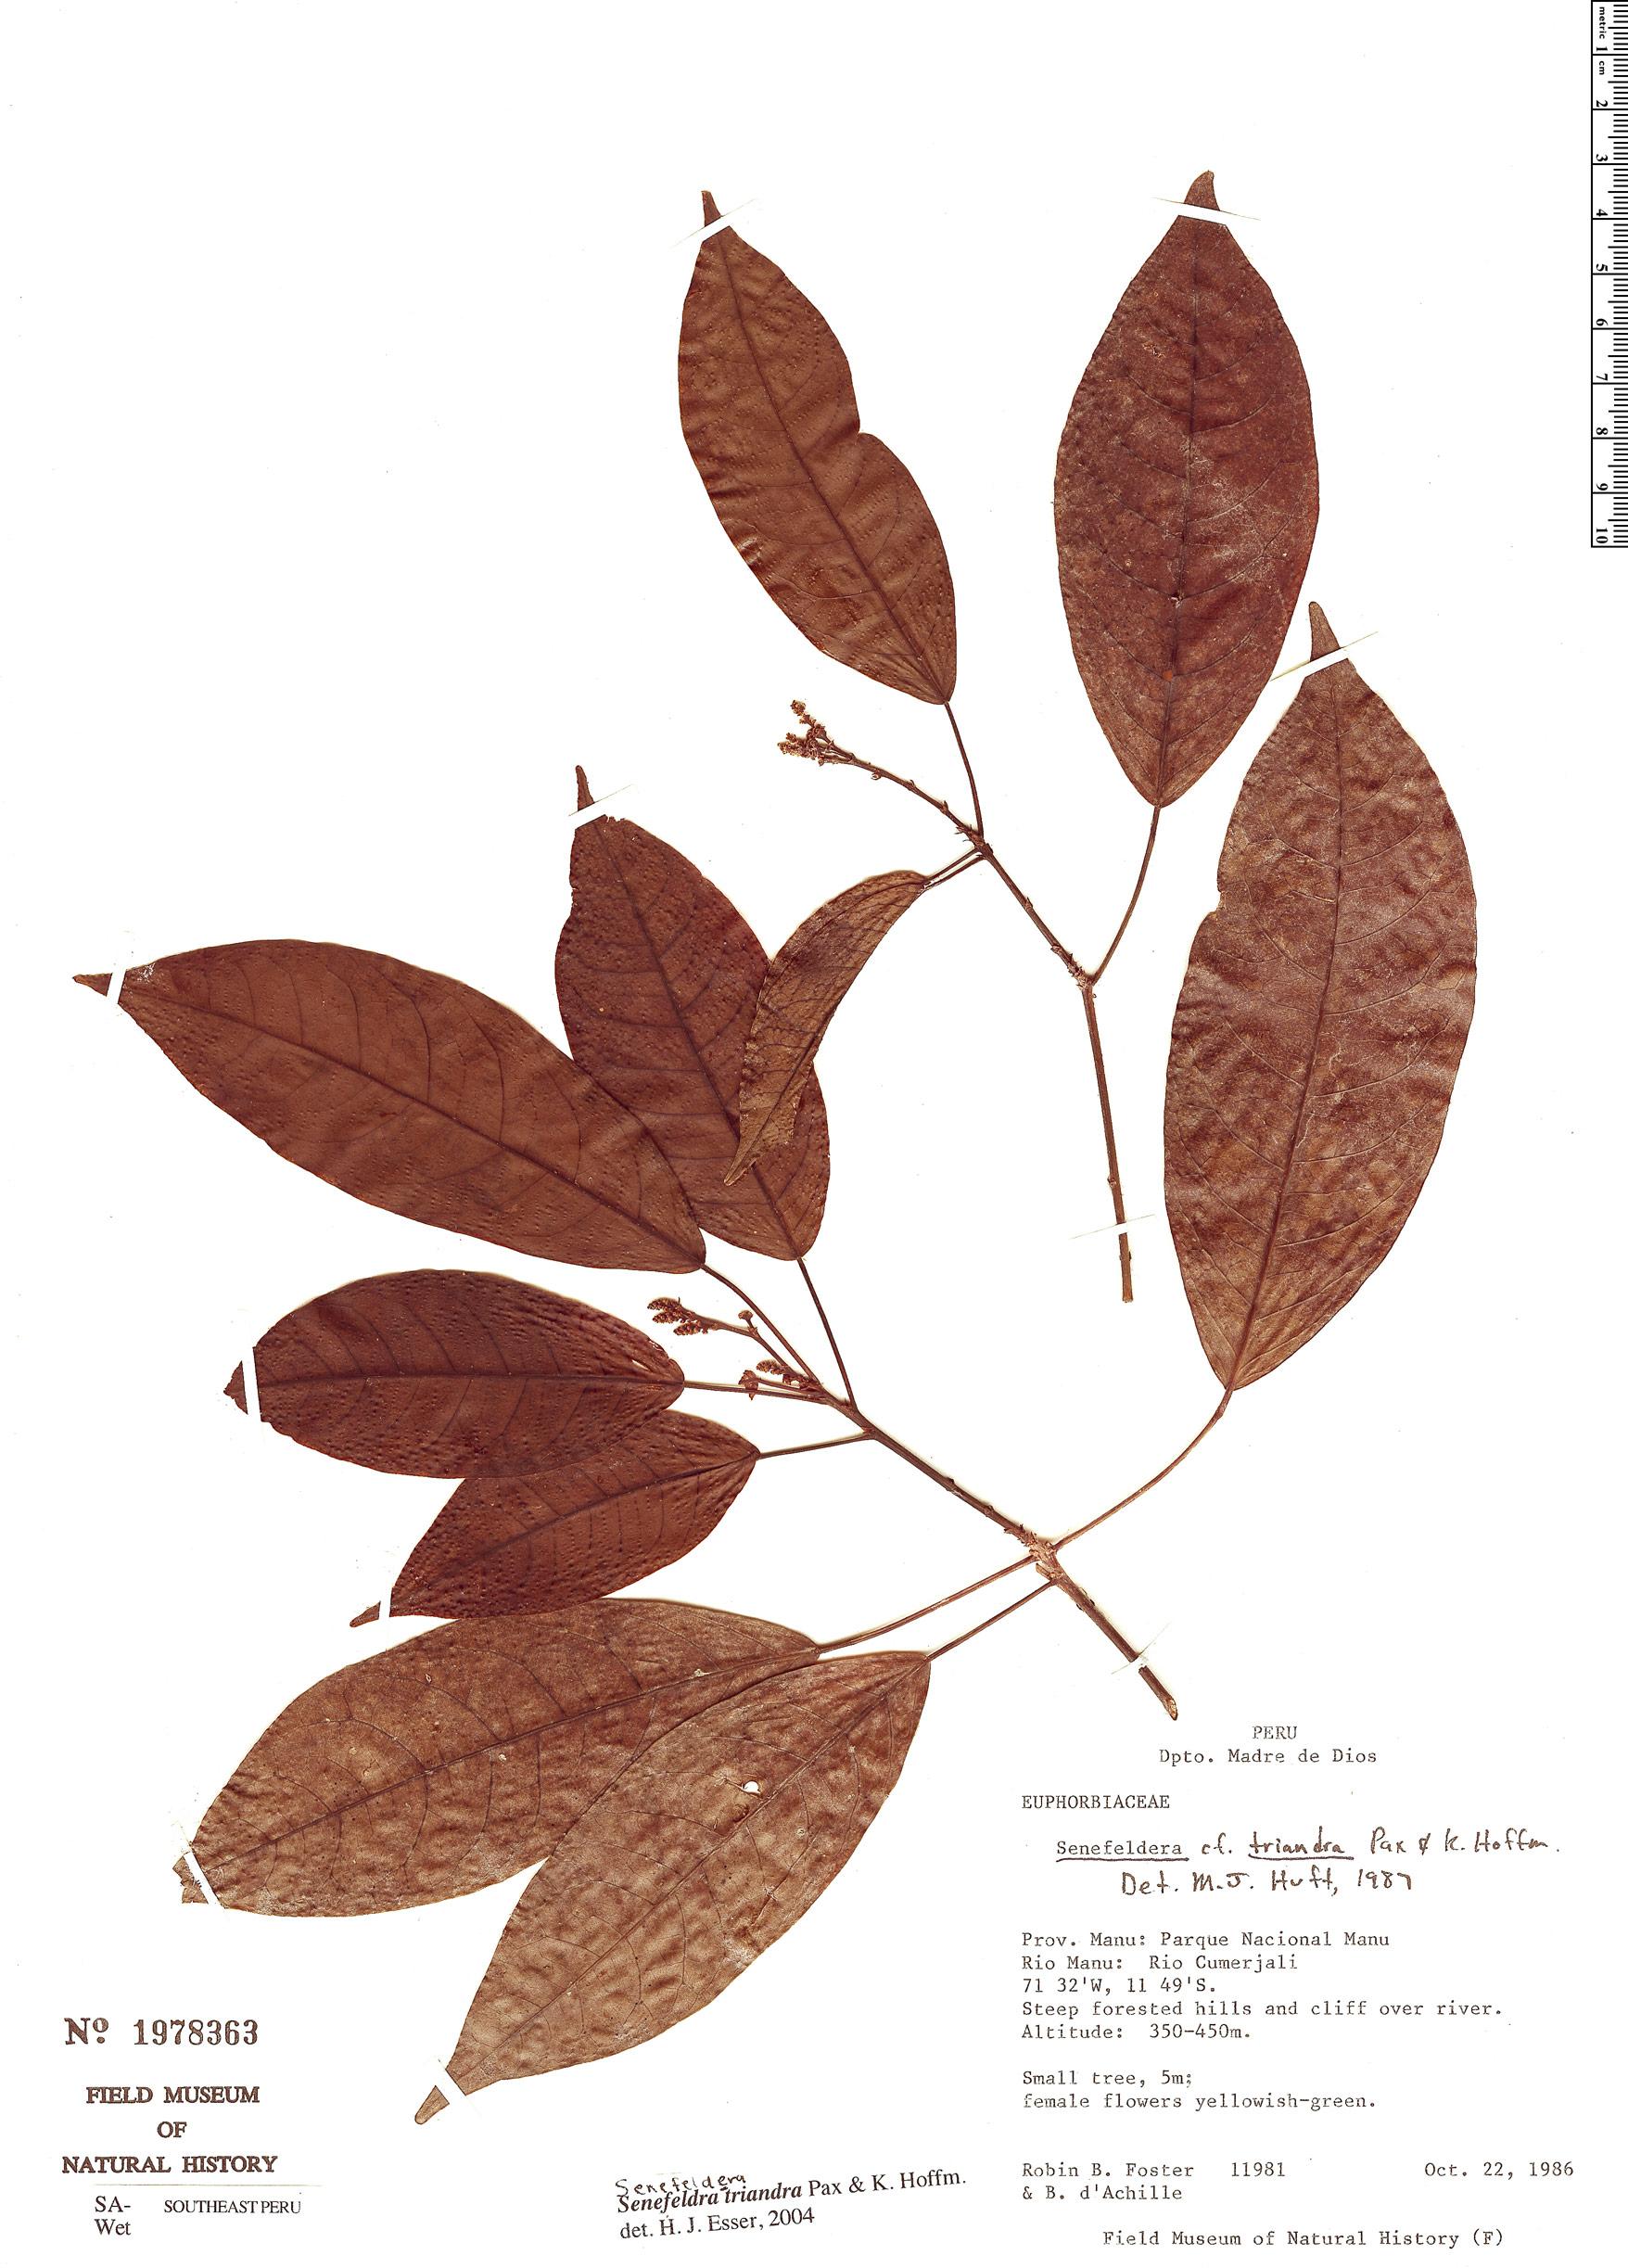 Specimen: Senefeldera triandra